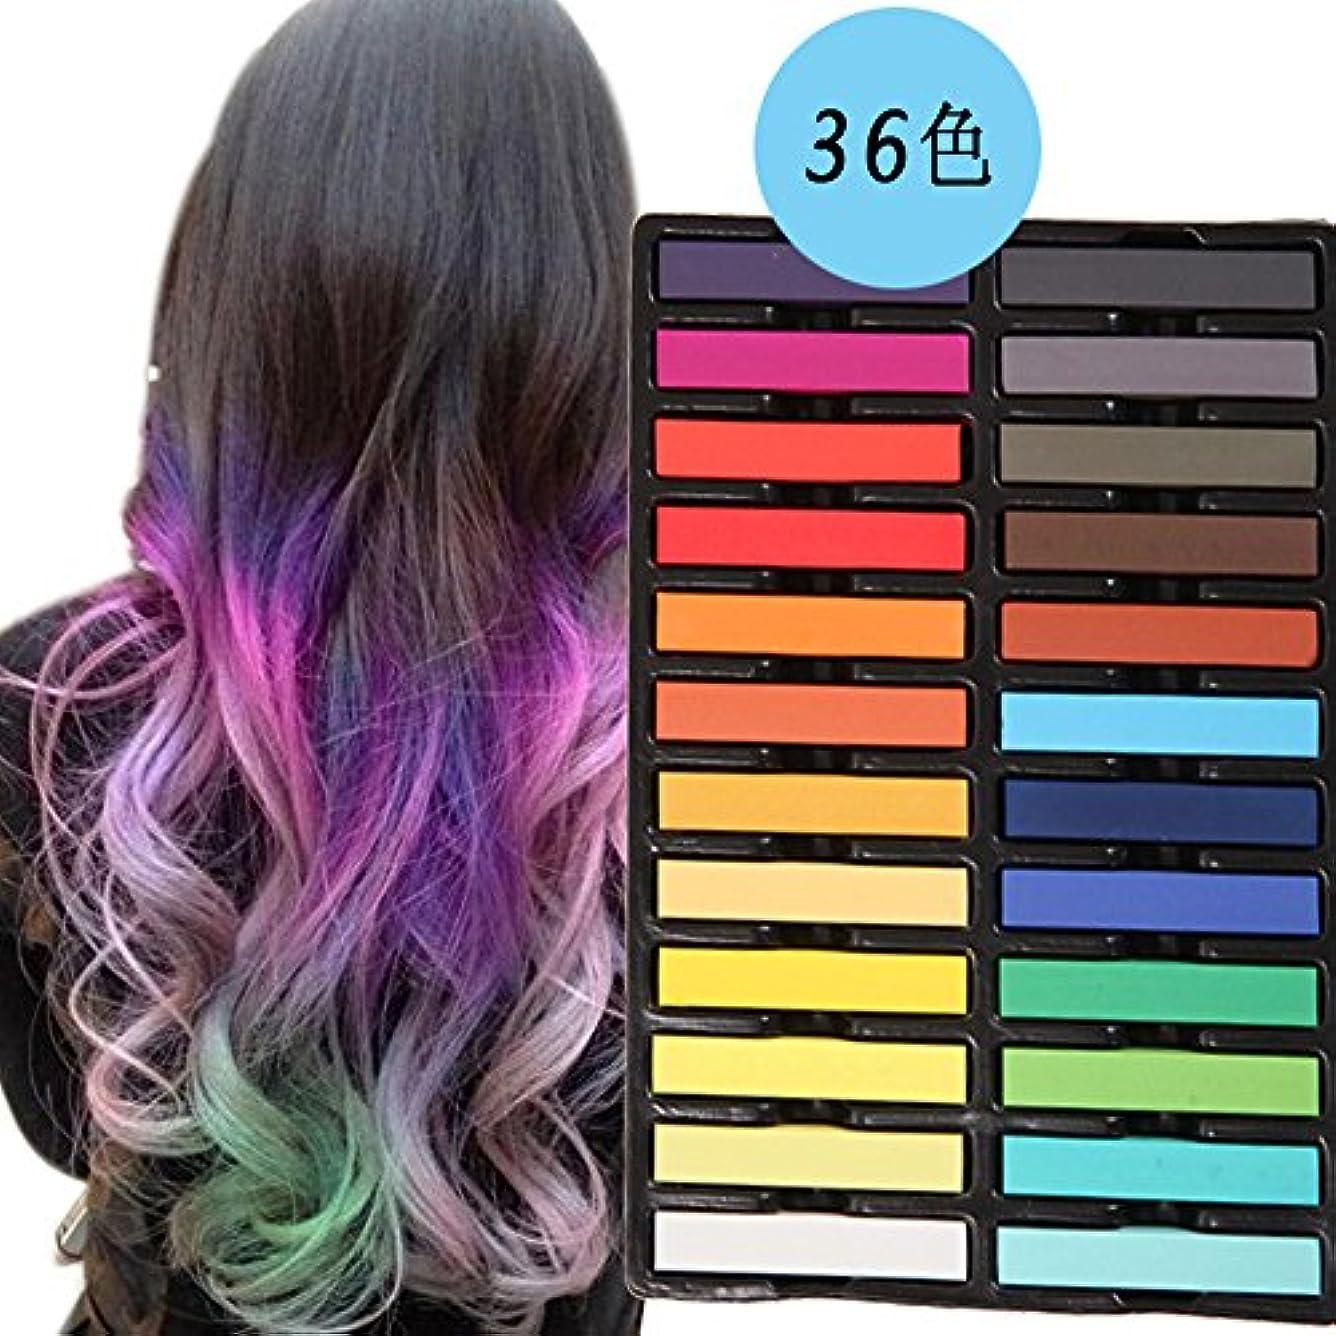 風景チャット文明化するIKRR ヘアチョーク[全36色] ヘアカラーチョーク 髪染めチョーク 日だけの髪染め 落ちる簡単 仮装 パーティー 舞台 演出に最適